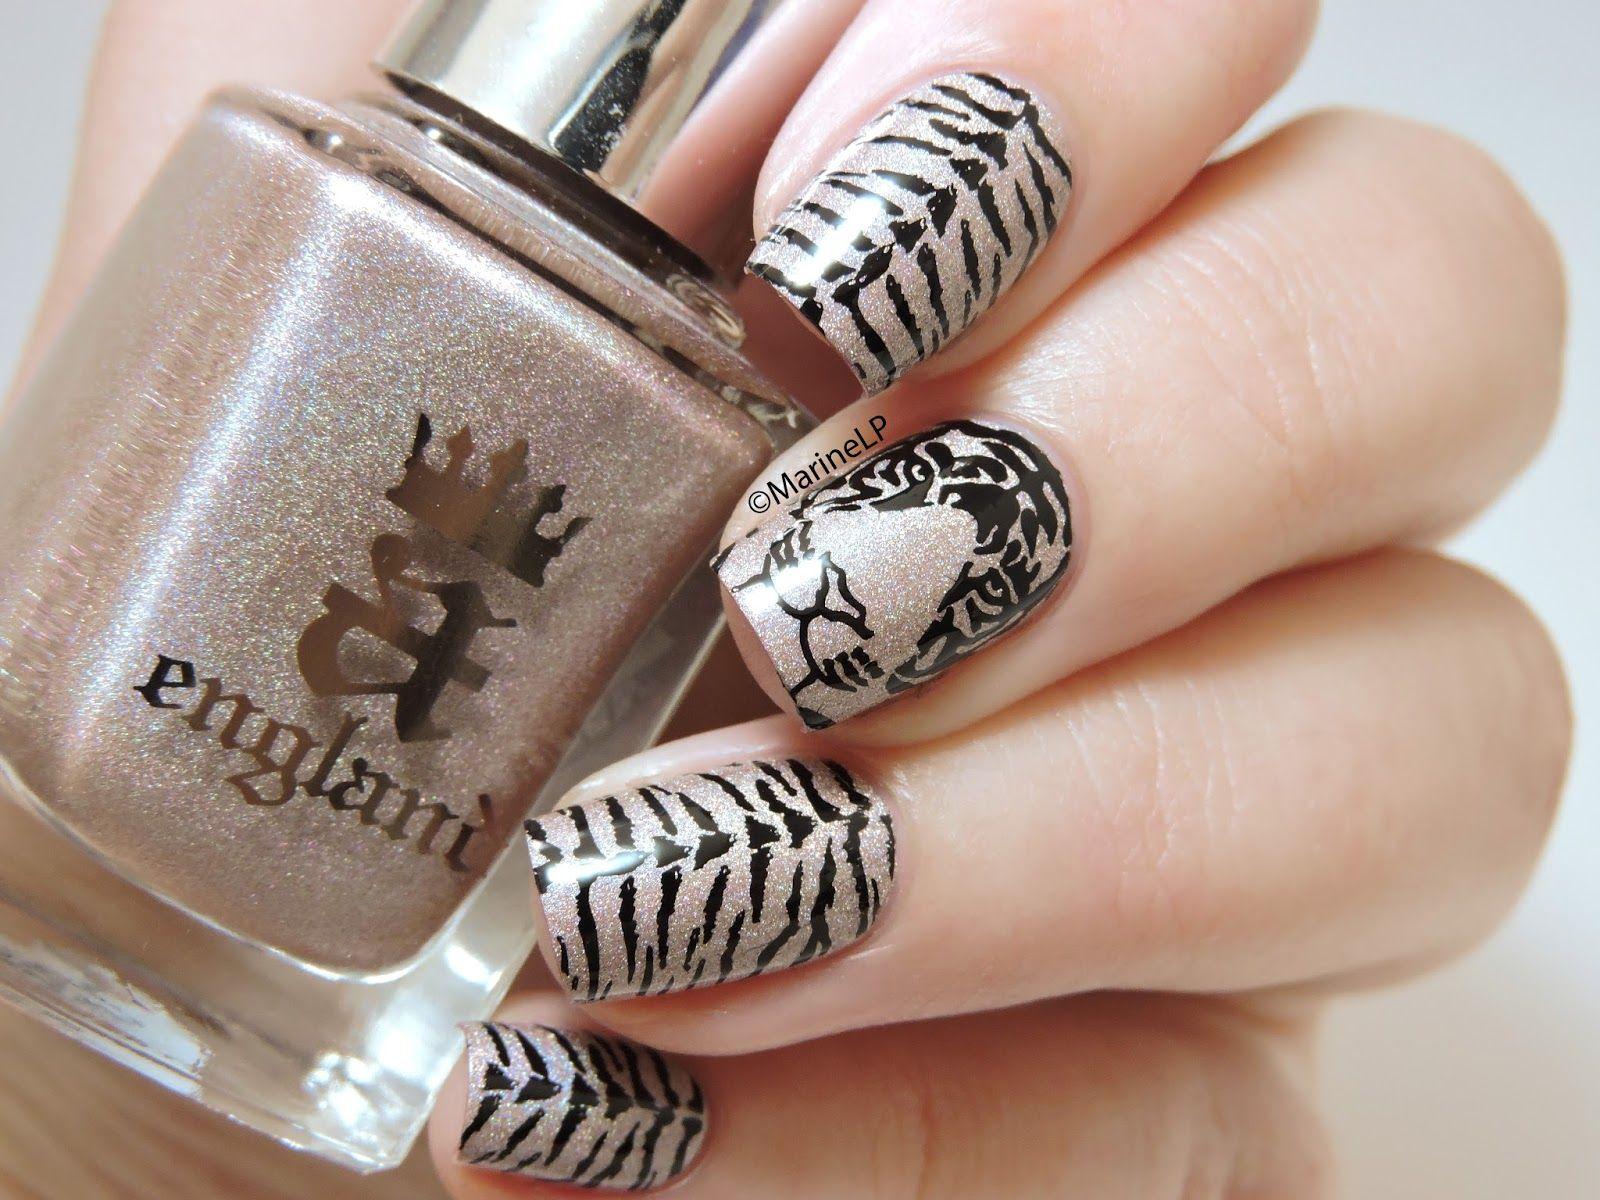 Nailstorming - Tattoo nails